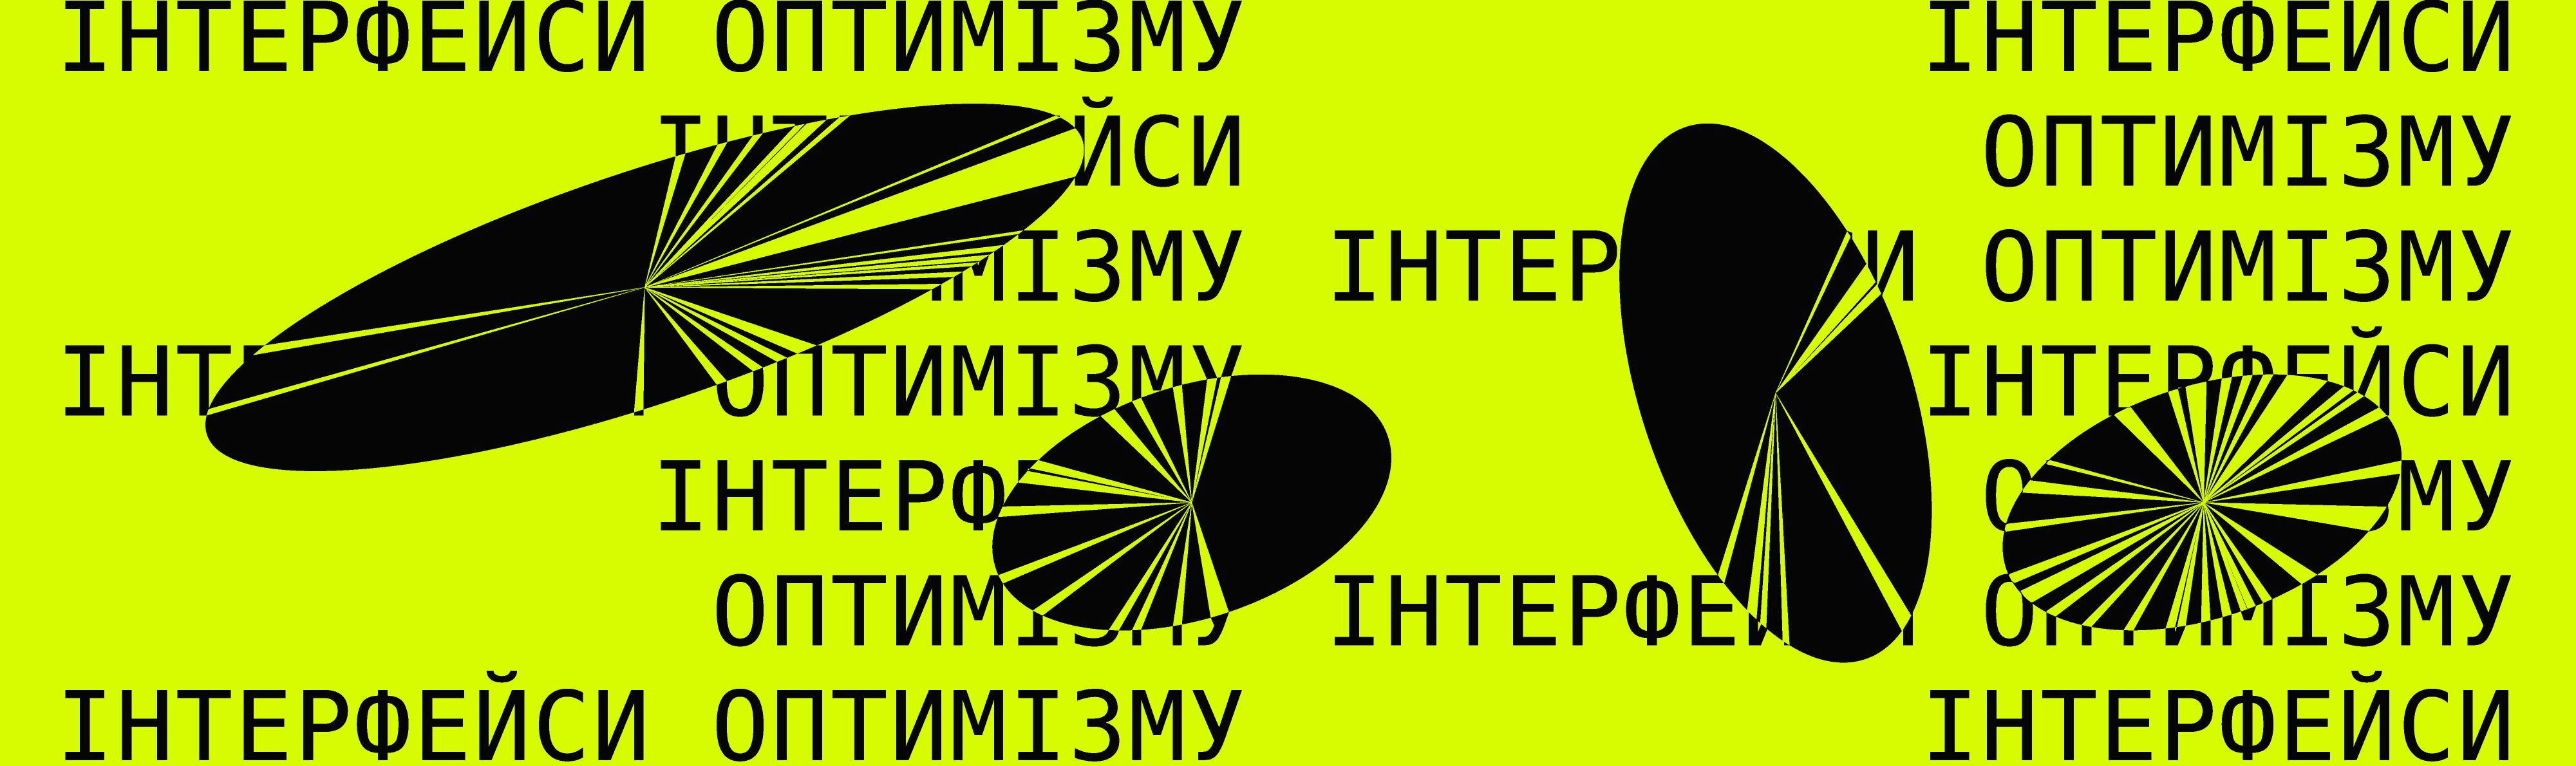 Зображення до Програма з книжкового дизайну «Інтерфейси оптимізму»